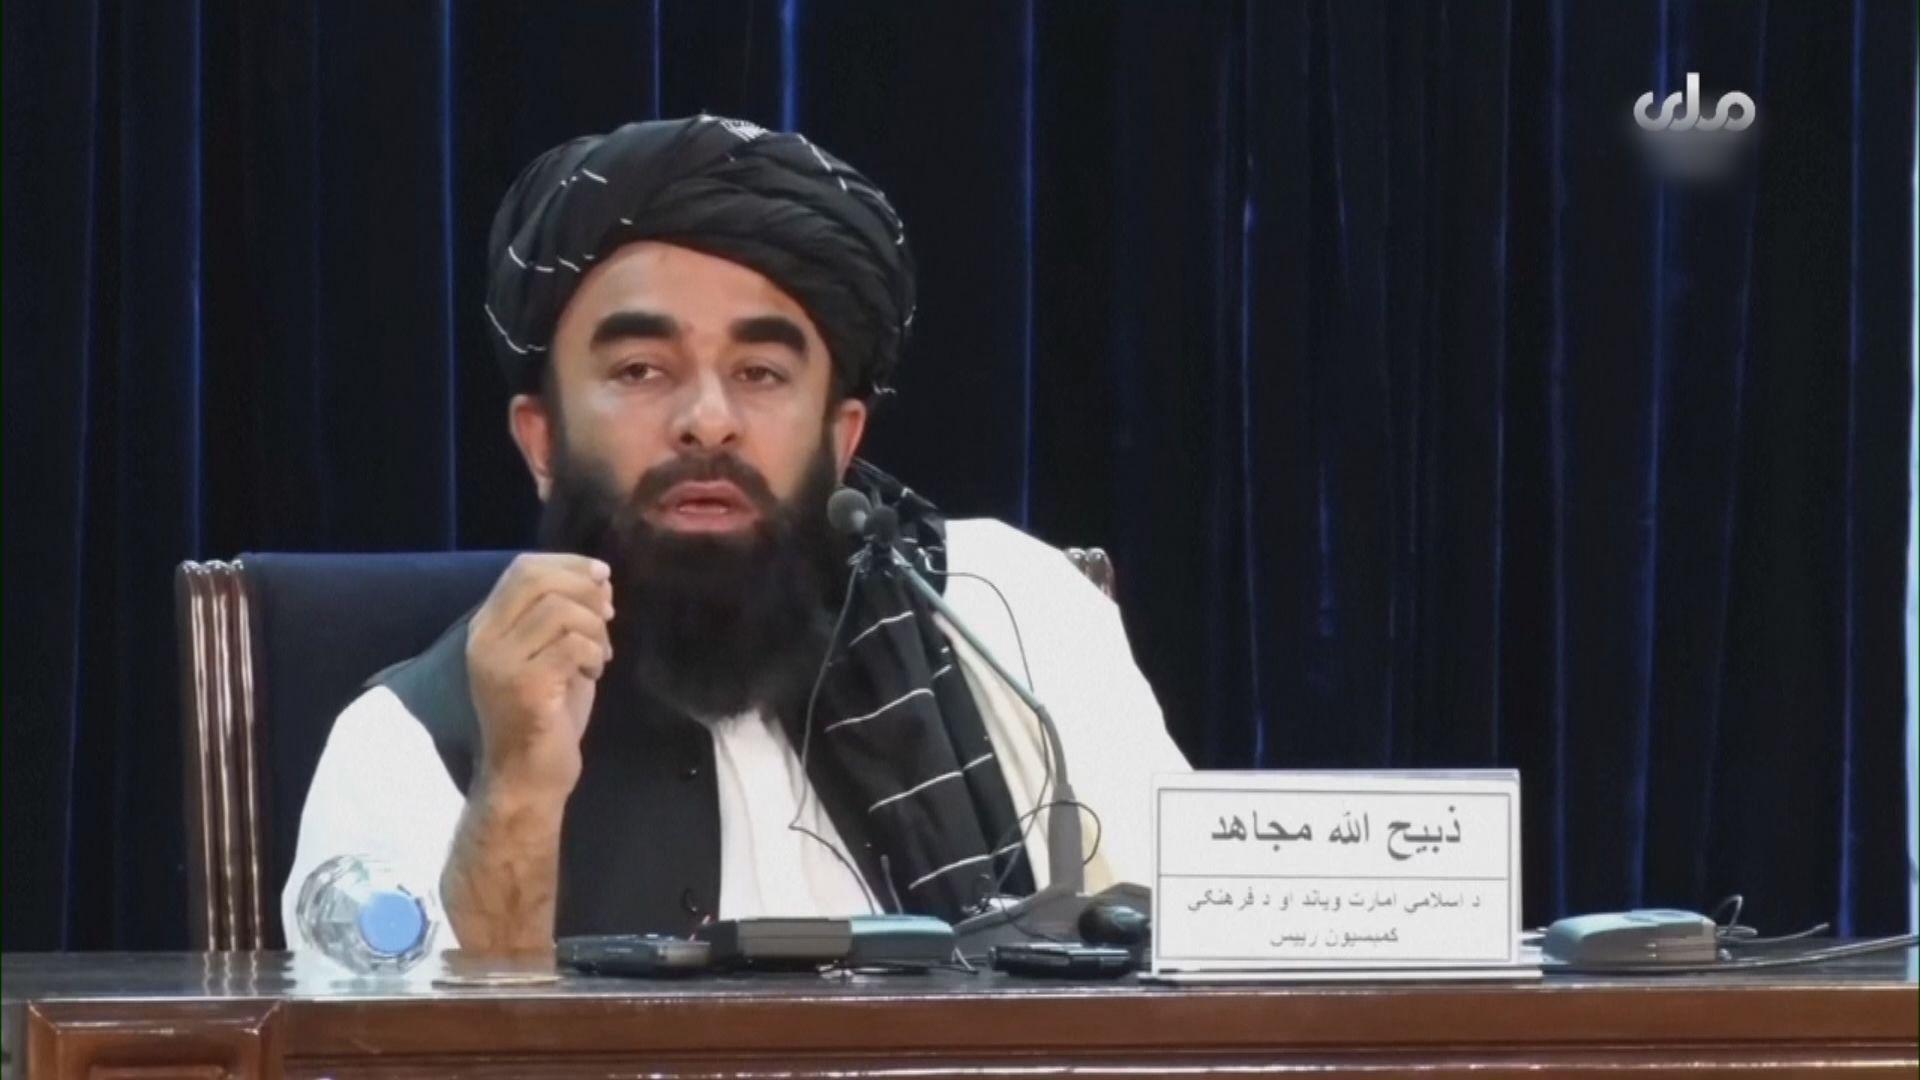 塔利班稱會在未來幾日宣布成立新政府